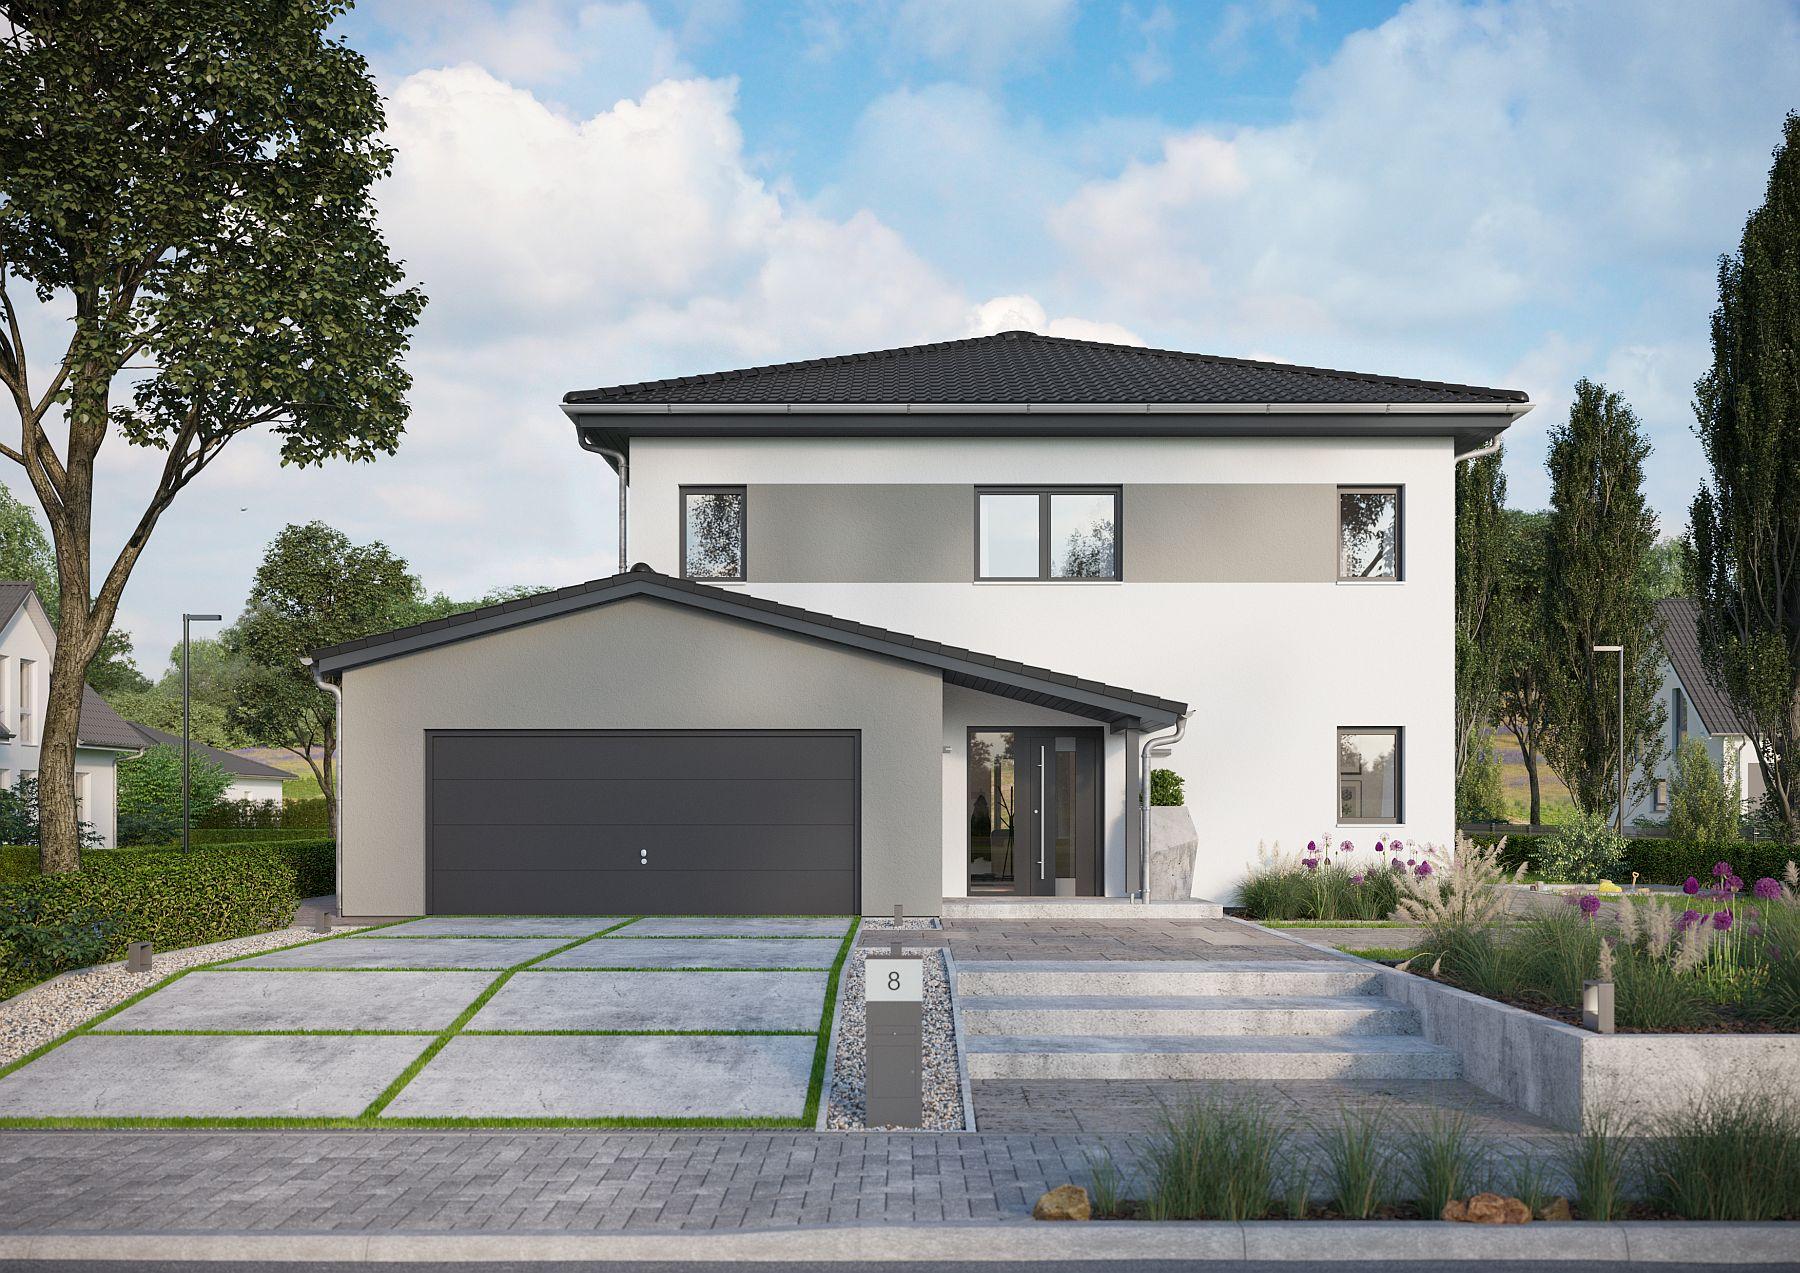 Hausplanung mit Garage und Carport